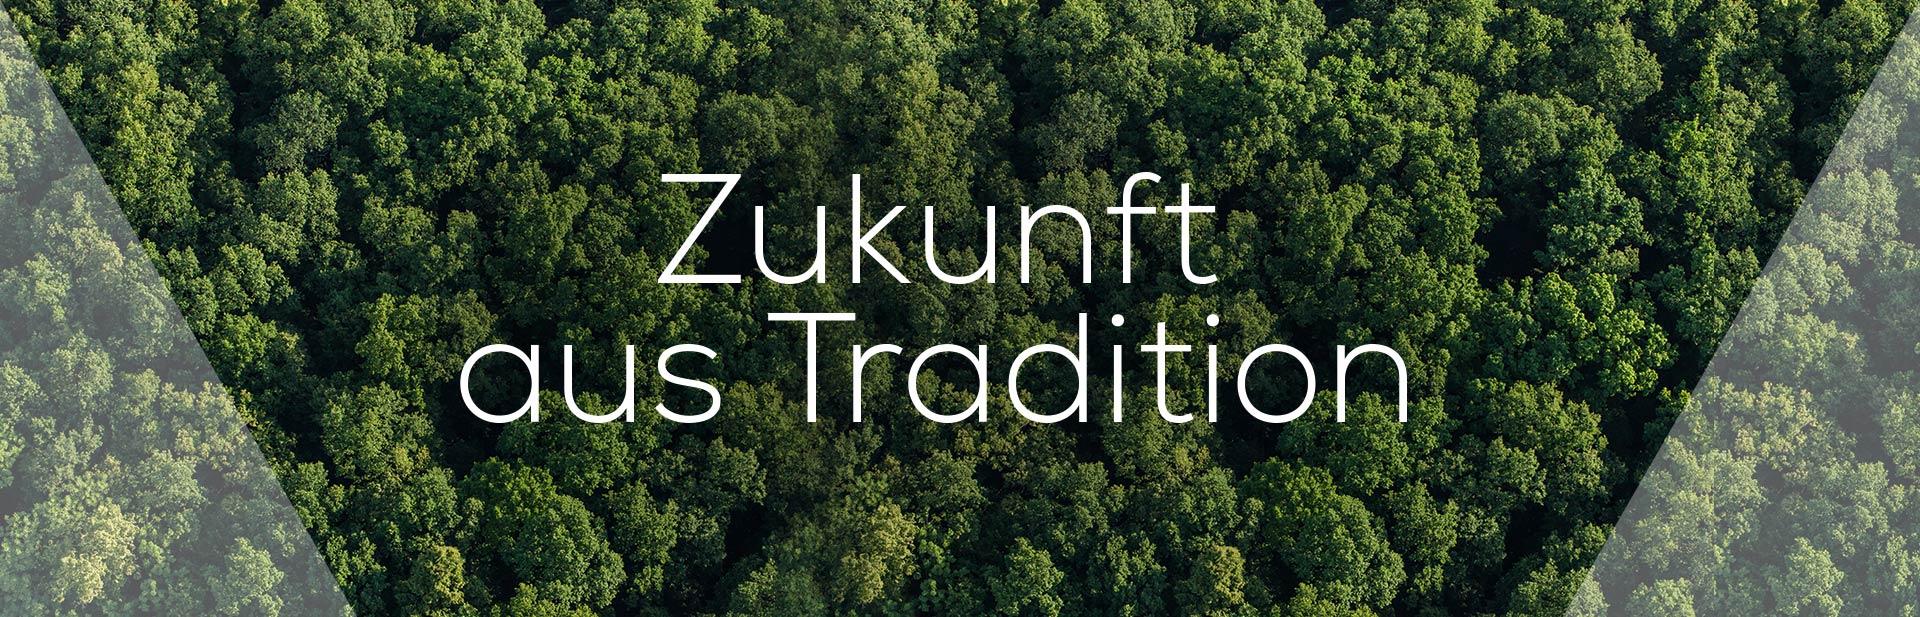 Zukunft aus Tradition | Frankenresidenz